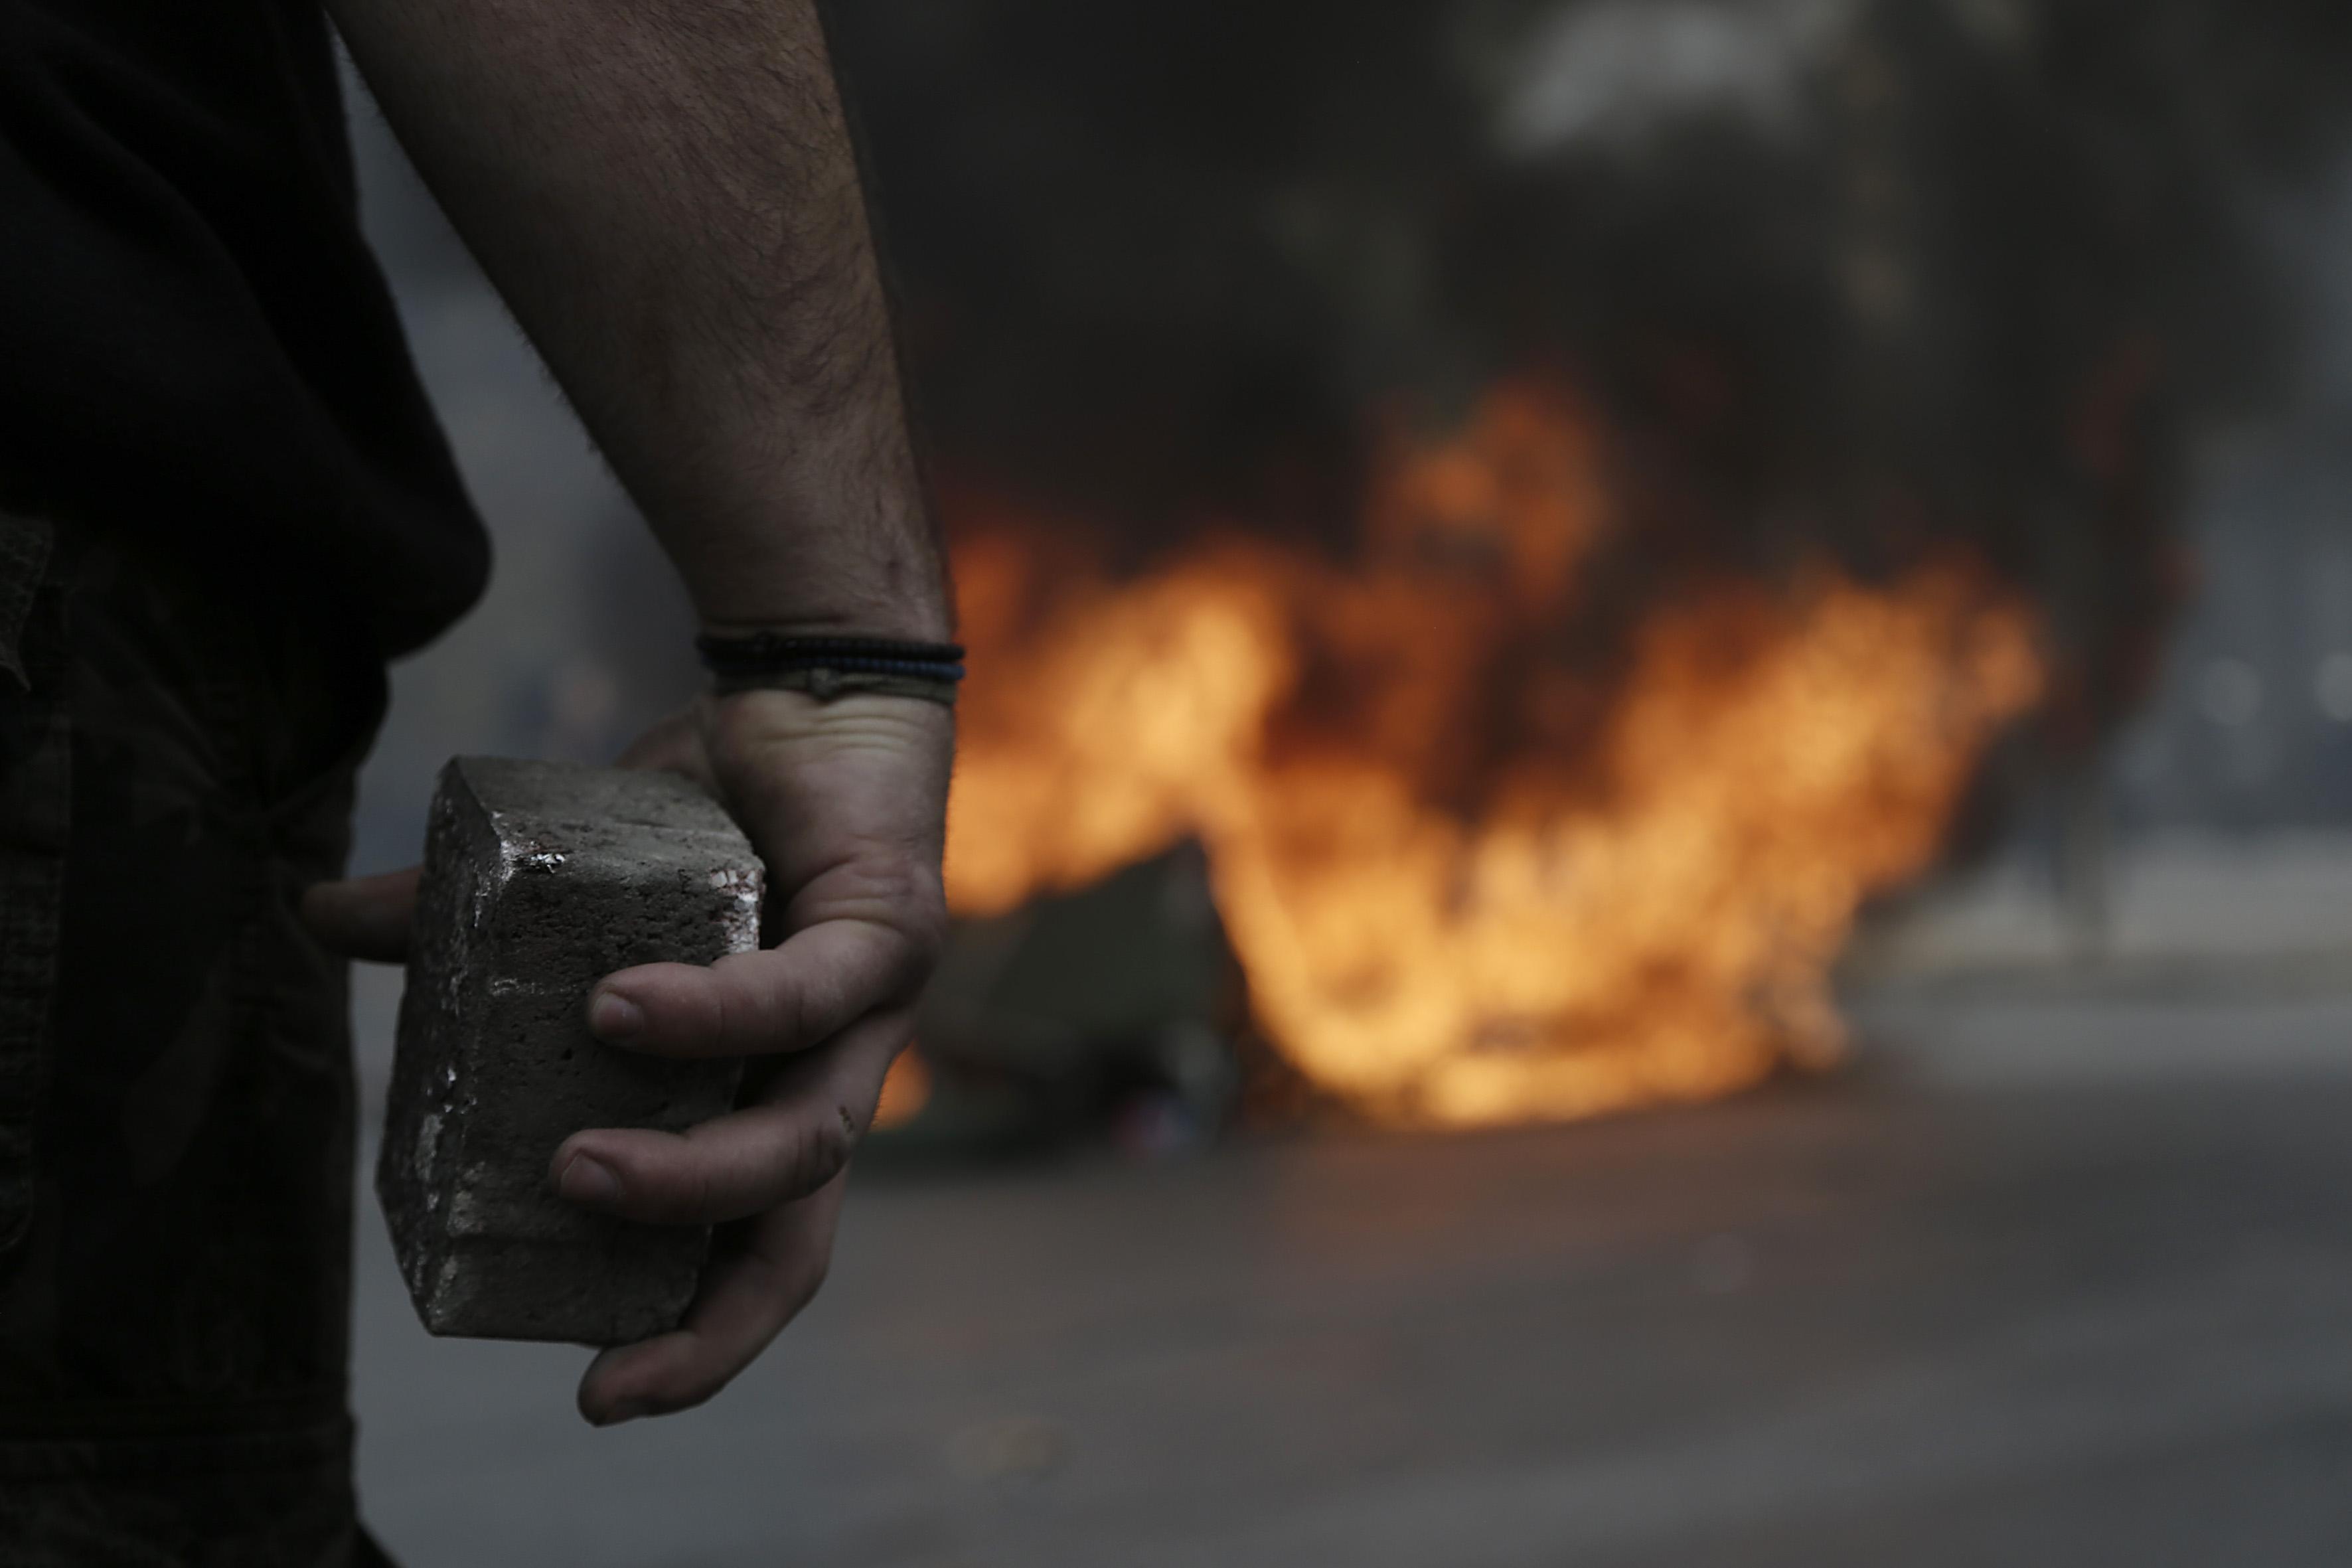 Ένας αγρότης από την Κρήτη που έχει φθάσει από το λιμάνι του Πειραιά κρατάει μια πέτρα κατά την διάρκεια επεισοδίων έξω από το υπουργείο Αγροτικής Ανάπτυξης, Παρασκευή 12 Φεβρουαρίου 2016. Αγρότες από μπλόκα από όλη την Ελλάδα έχουν προγραμματίσει διήμερη διαμαρτυρία στο Σύνταγμα ζητώντας την απόσυρση του σχεδίου για το ασφαλιστικό, την κατάργηση της φορολόγησης από το πρώτο ευρώ, την κατάργηση του ειδικού φόρου κατανάλωσης στο κρασί καθώς και την καθιέρωση αφορολόγητου πετρελαίου. ΑΠΕ-ΜΠΕ/ΑΠΕ-ΜΠΕ/ΓΙΑΝΝΗΣ ΚΟΛΕΣΙΔΗΣ